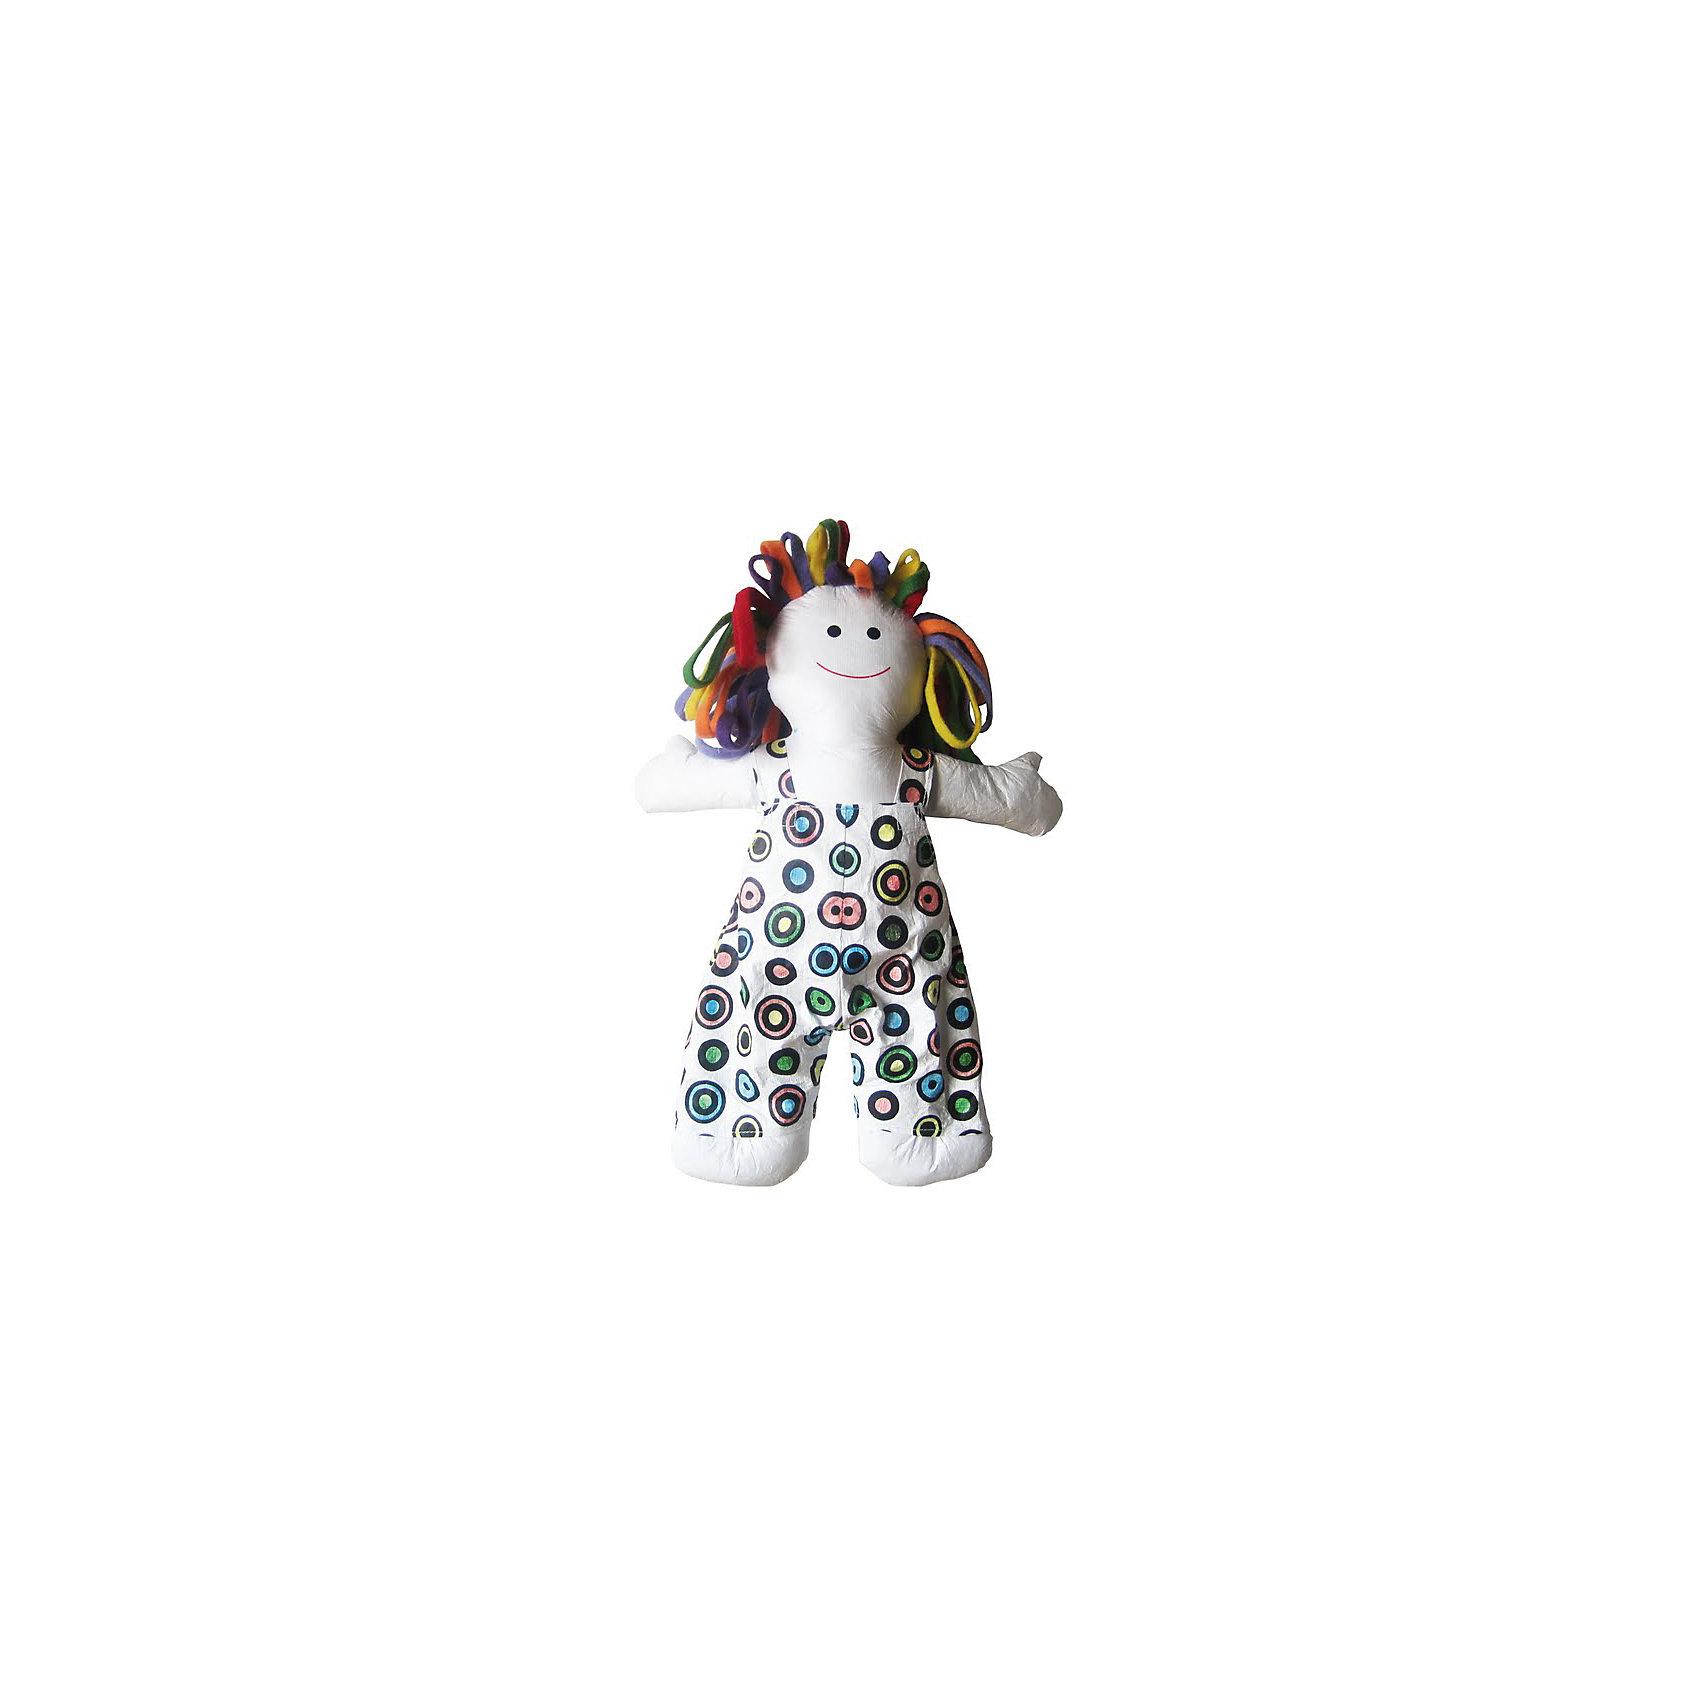 Урок Рисования Игрушка Разукрашка - Куколка 42смХарактеристики товара:<br><br>• габариты: высота 42 см<br>• возраст: 3+<br>• материал: текстиль<br>• комплектация: игрушка, фломастеры<br>• страна производства: Китай<br><br>Любовь к рисованию у многих детей появляется в раннем детстве. Зачастую, выглядит это не стандартным способом, а творчеством на игрушках и всевозможных предметах. Новая игрушка разработана специально для таких случаев. Игрушку можно раскрашивать фломастерами много раз. В комплект входят фломастеры четырех цветов. Материалы, использованные при изготовлении товара, сертифицированы и отвечают всем международным требованиям по качеству. <br><br>Набор «Урок Рисования Игрушка Разукрашка - Куколка 42 см» можно приобрести в нашем интернет-магазине.<br><br>Ширина мм: 60<br>Глубина мм: 200<br>Высота мм: 400<br>Вес г: 100<br>Возраст от месяцев: 36<br>Возраст до месяцев: 84<br>Пол: Женский<br>Возраст: Детский<br>SKU: 5124788